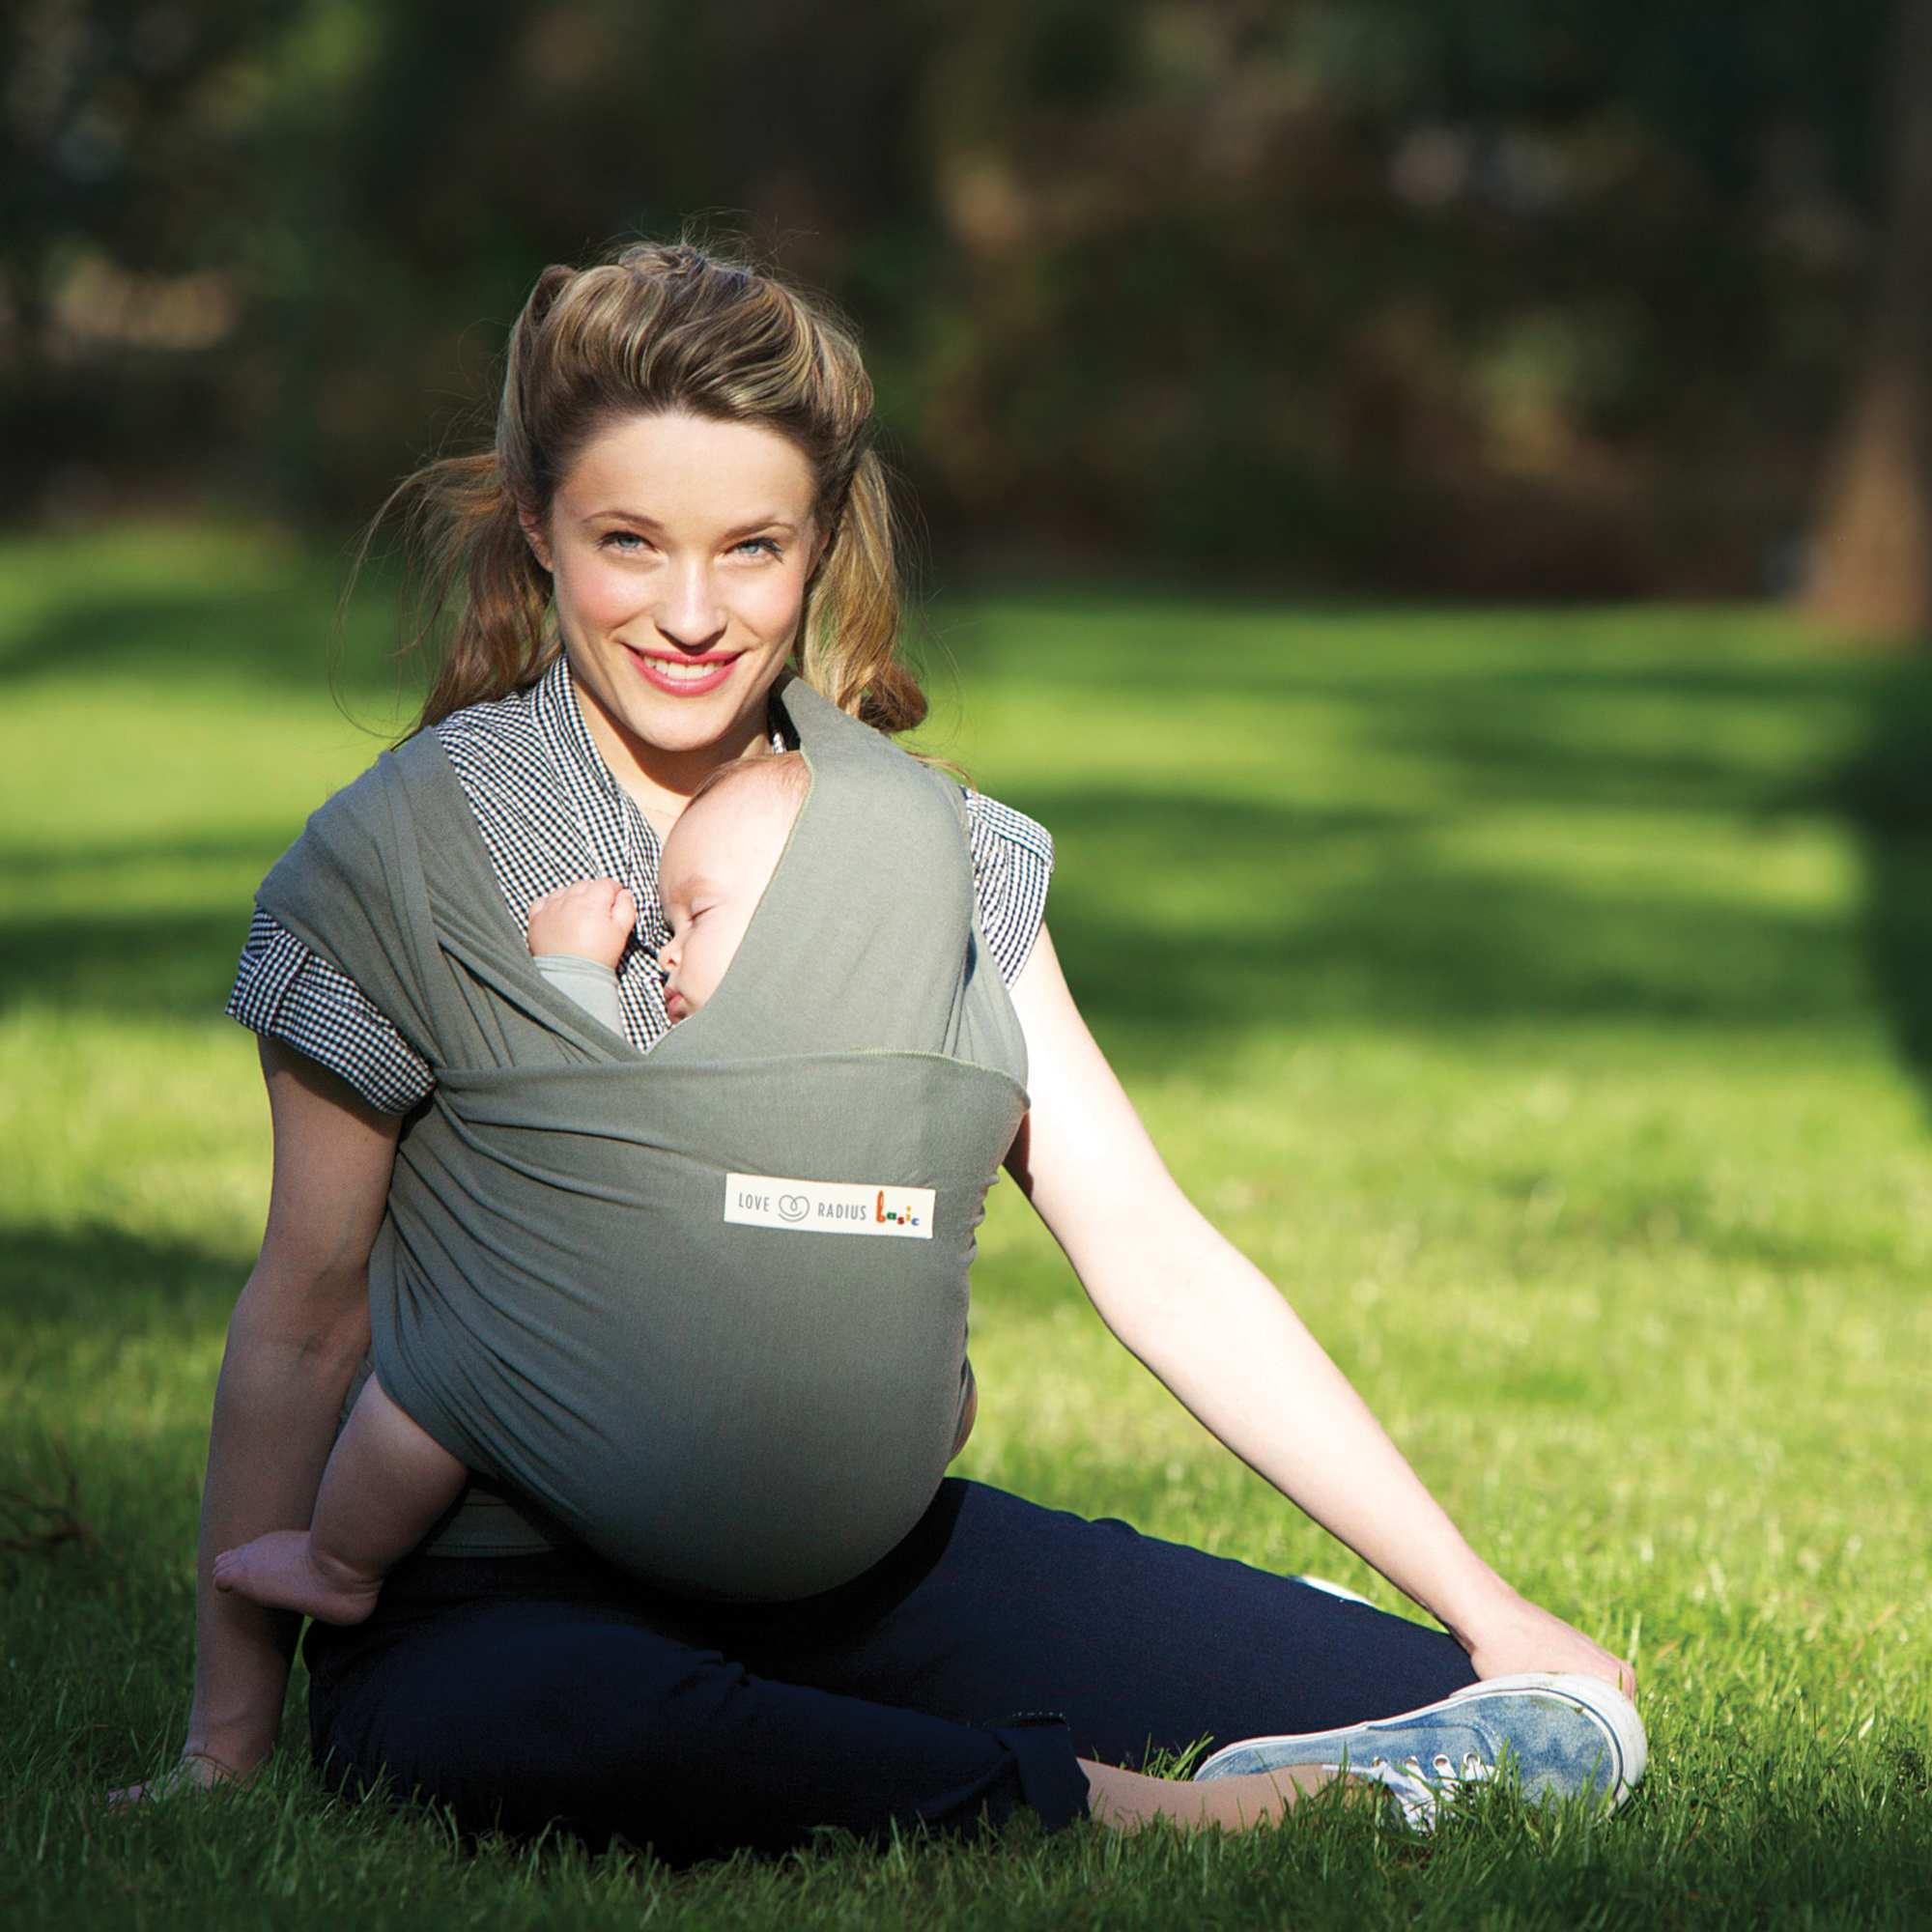 Couleur : BEIGE, gris, ,, - Taille : TU, , ,,L'écharpe de portage 'Je porte mon bébé' une manière plus naturelle de porter bébé qui